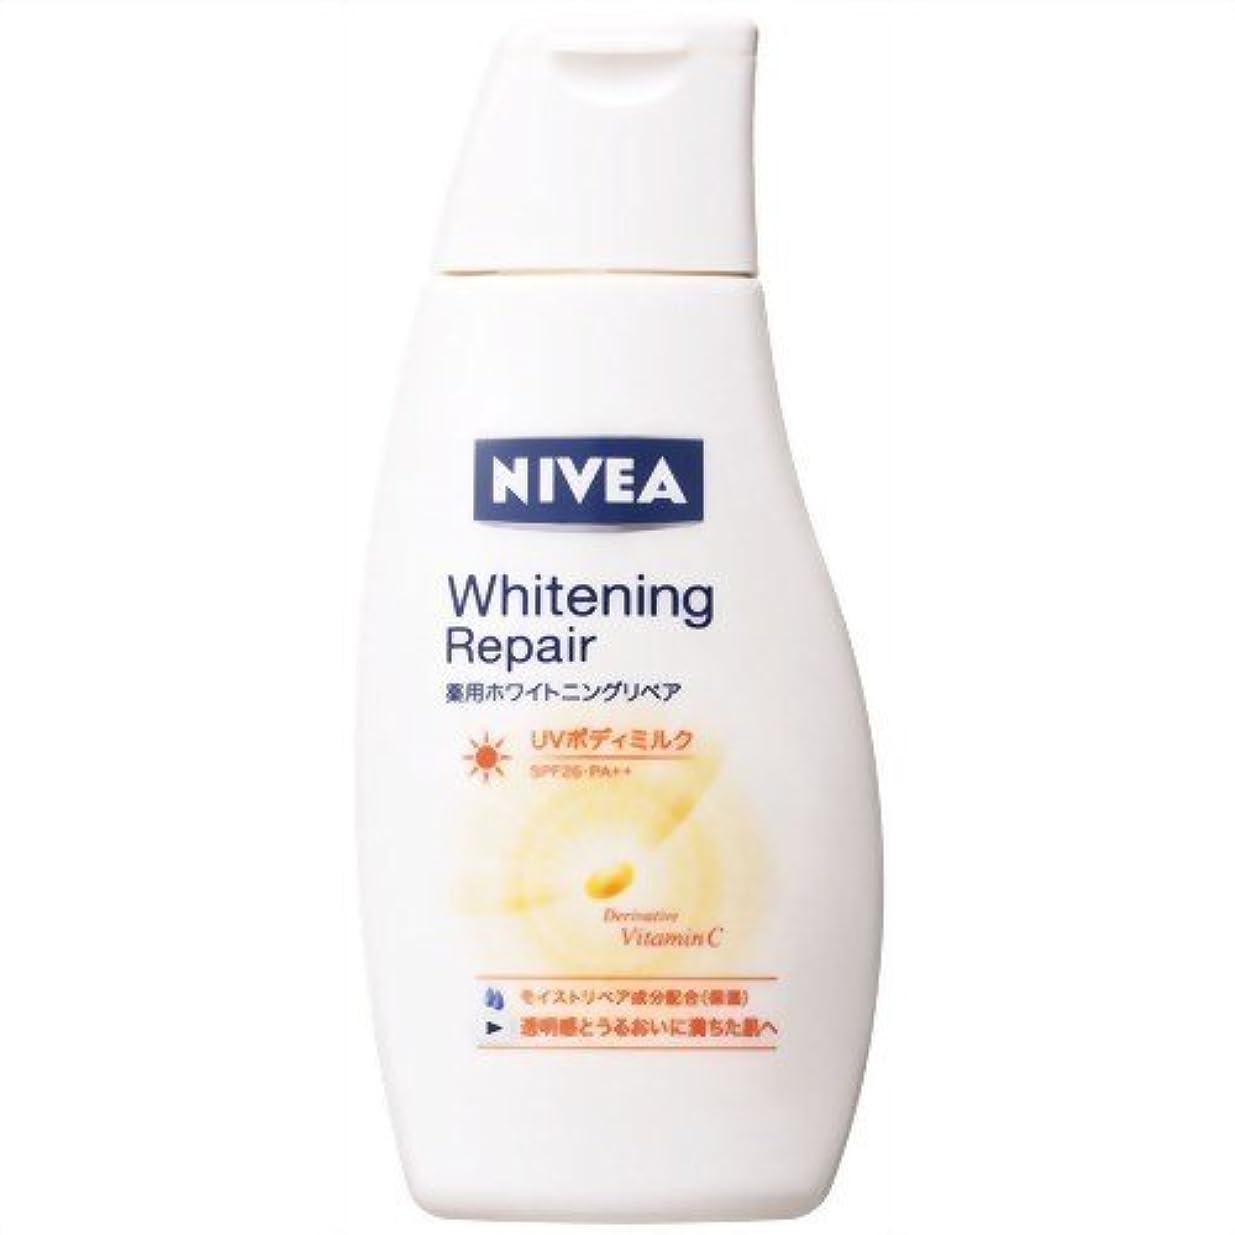 驚いたことに投げ捨てるランチニベア 薬用ホワイトニングリペア UVボディミルク(150mL)